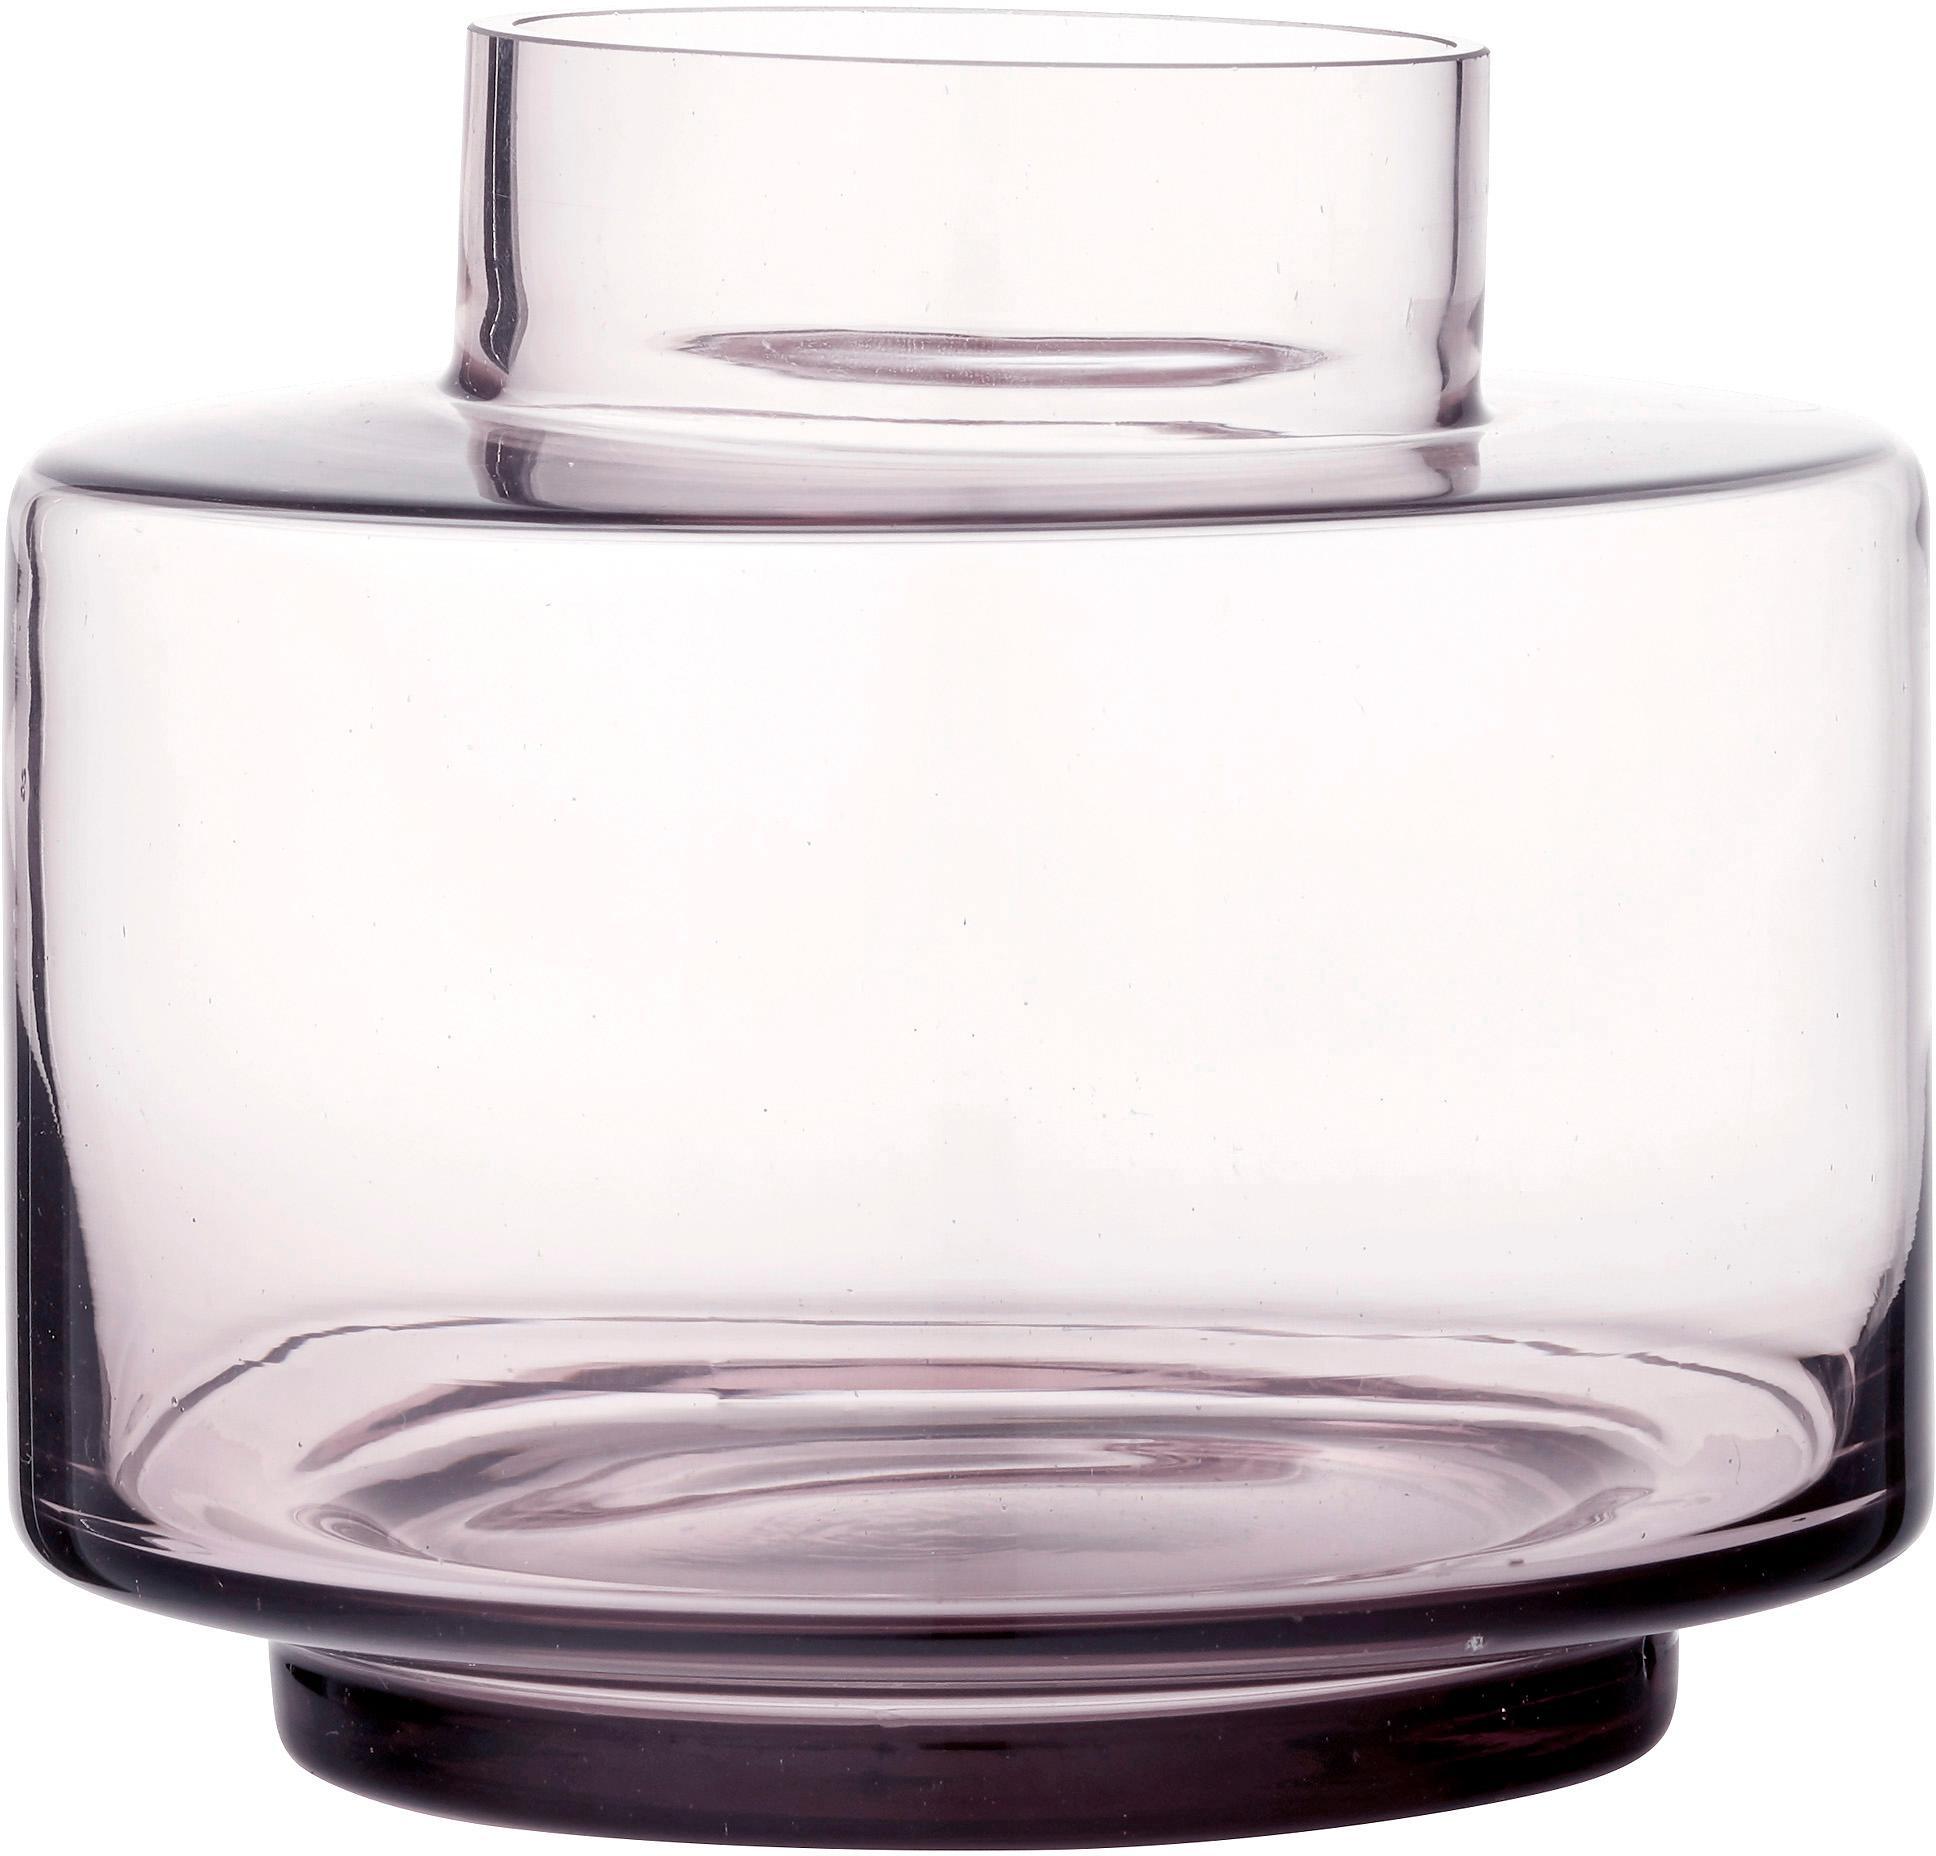 Jarrón de vidrio soplado Hedria, pequeño, Vidrio, Rosa, transparente, Ø 18 x Al 16 cm